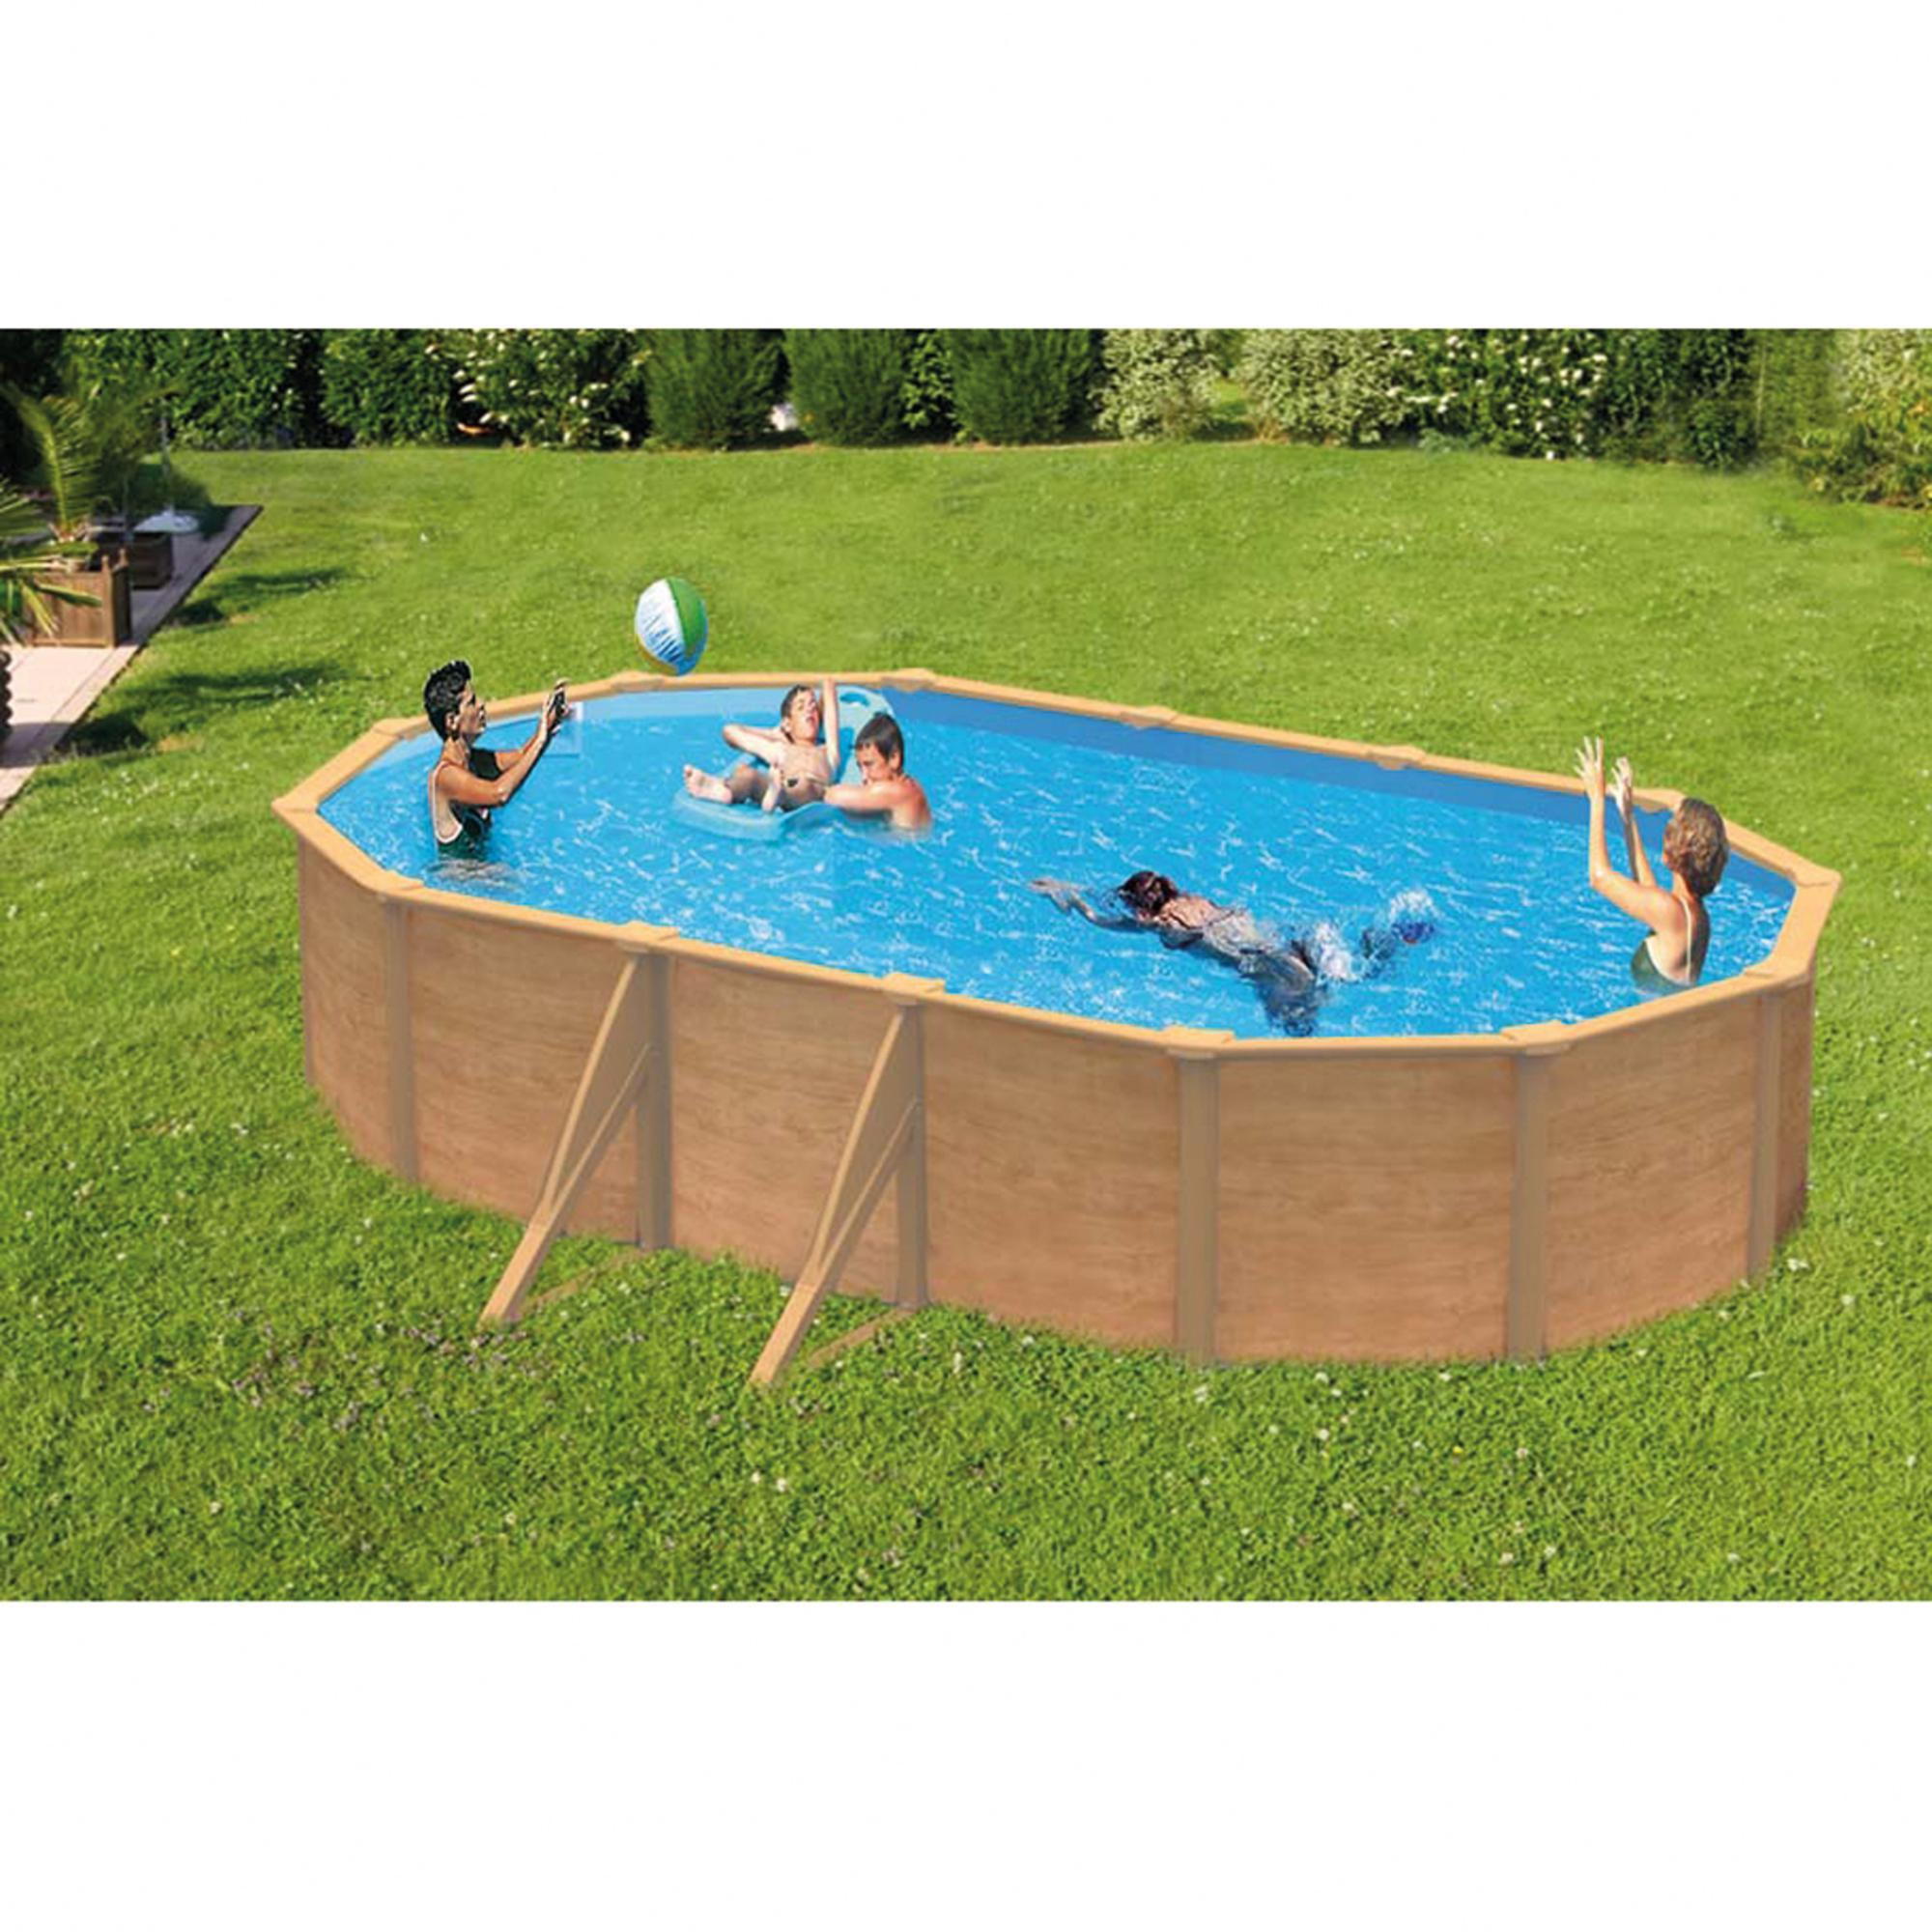 Abak cpiscine acier saphir ovale l 9 50 x l 4 80 x for Abak piscine